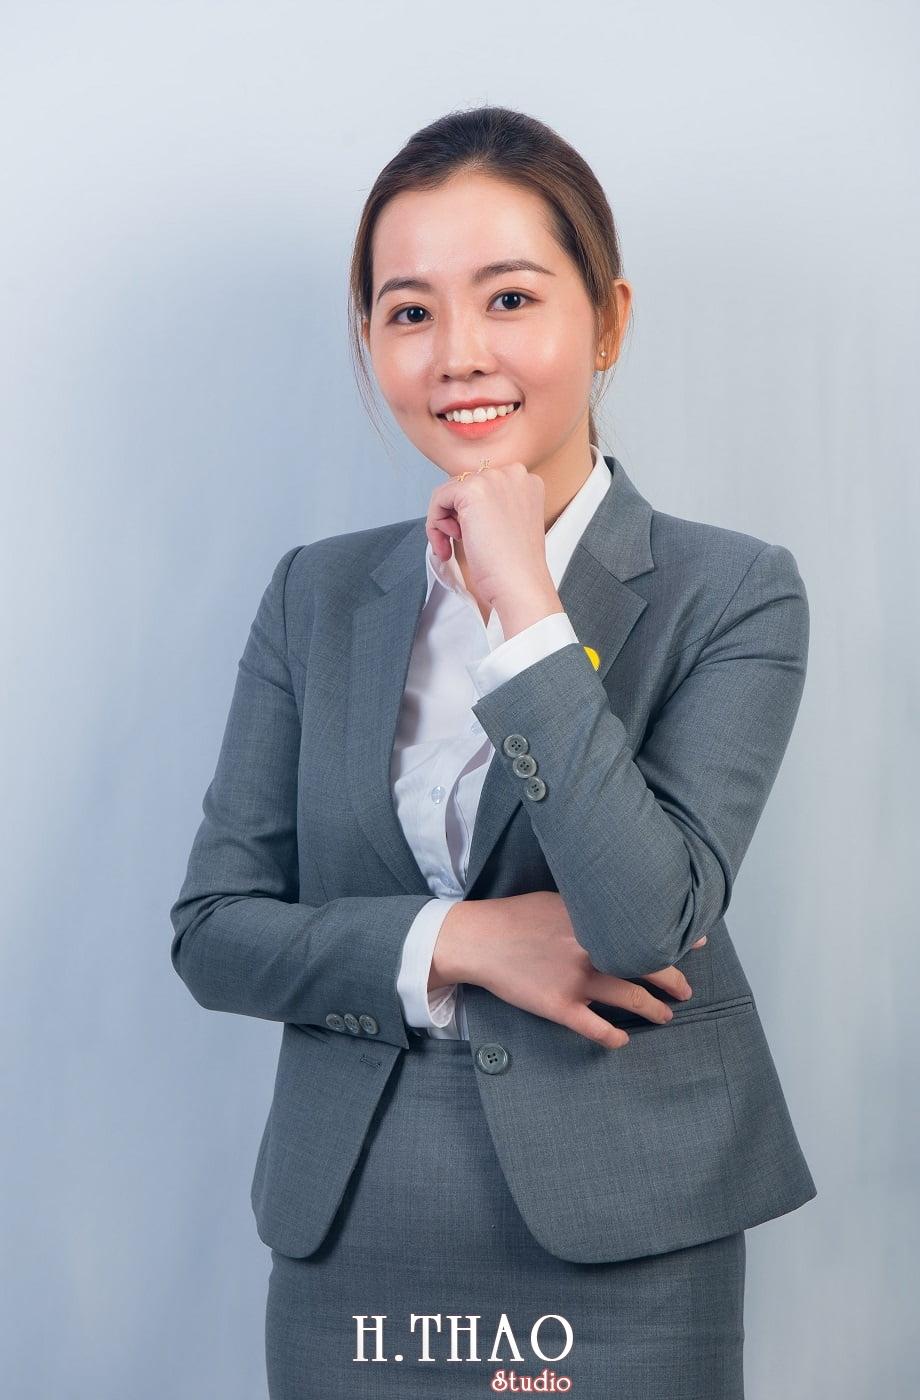 Anh nhan vien 2 min - Album ảnh profile nhân sự công ty Phu Hung Land – HThao Studio